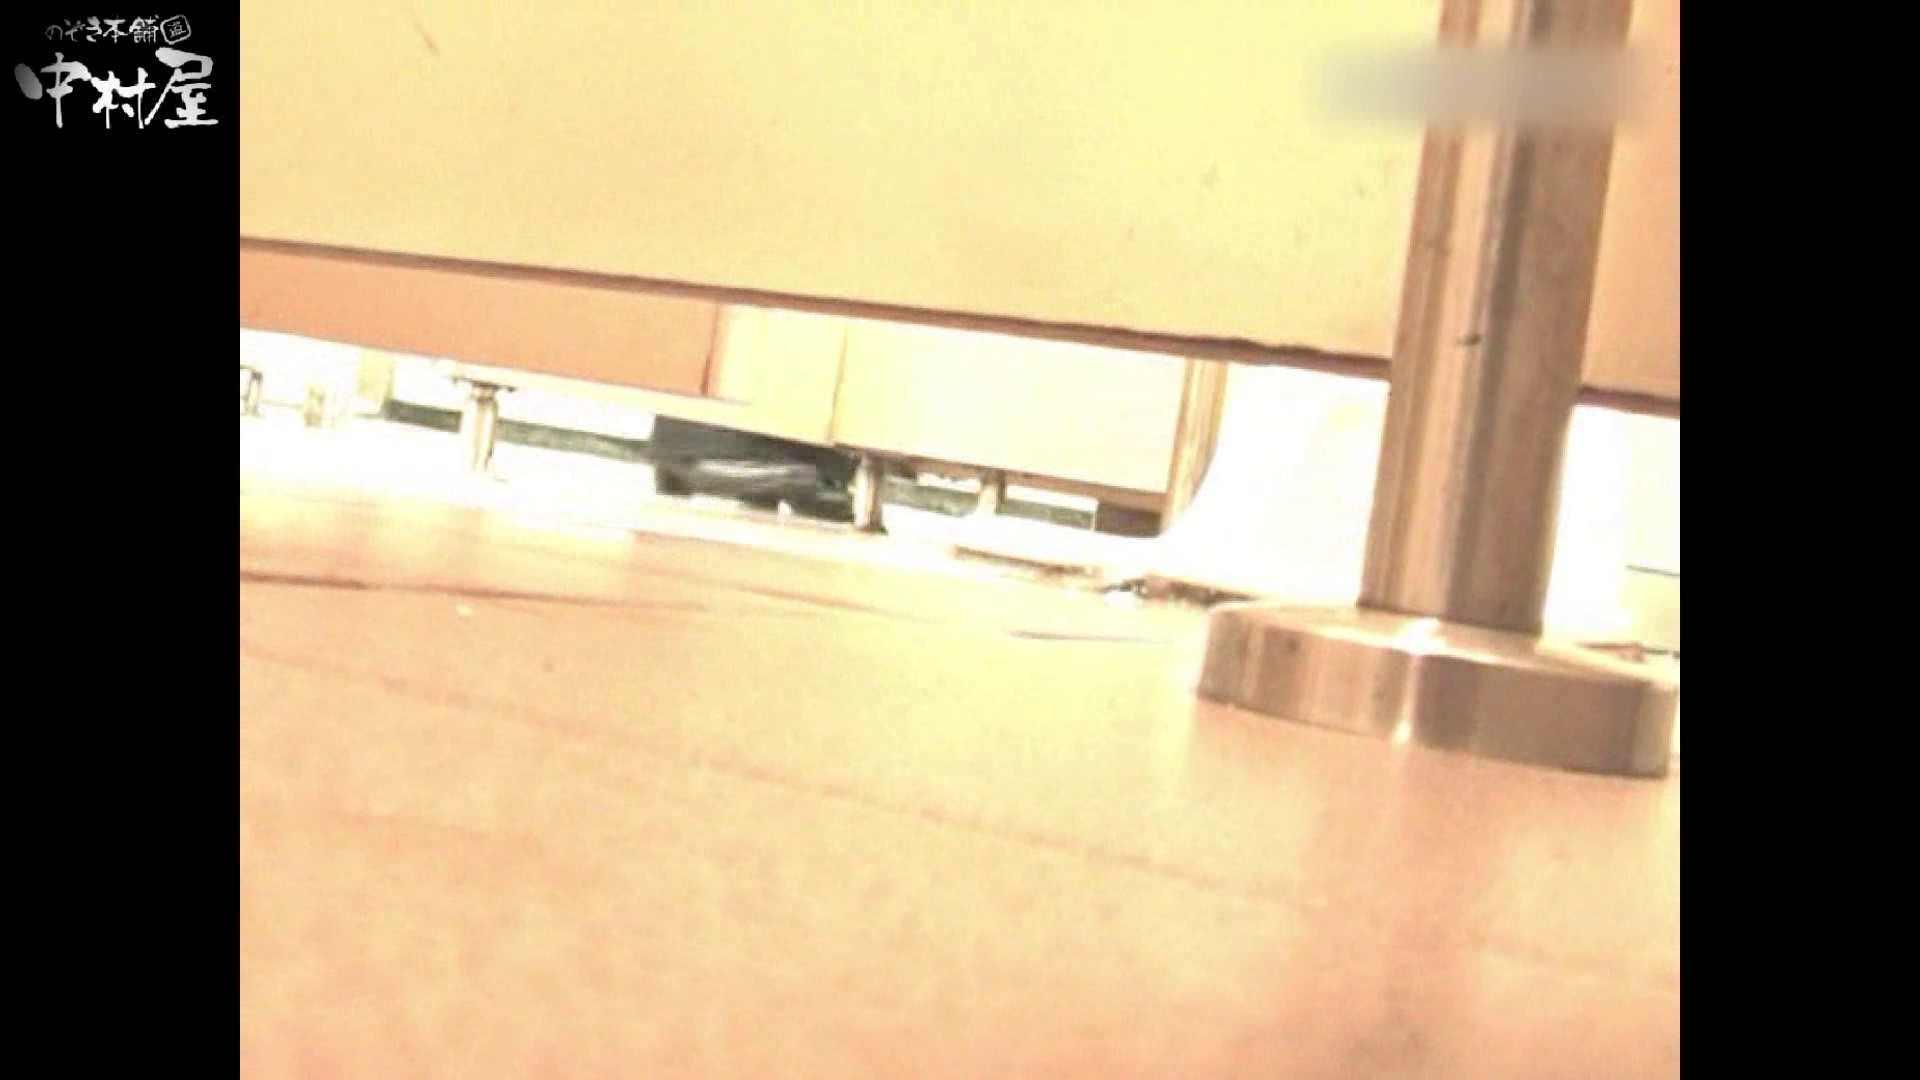 岩手県在住盗撮師盗撮記録vol.10 オマンコ オマンコ動画キャプチャ 12pic 4